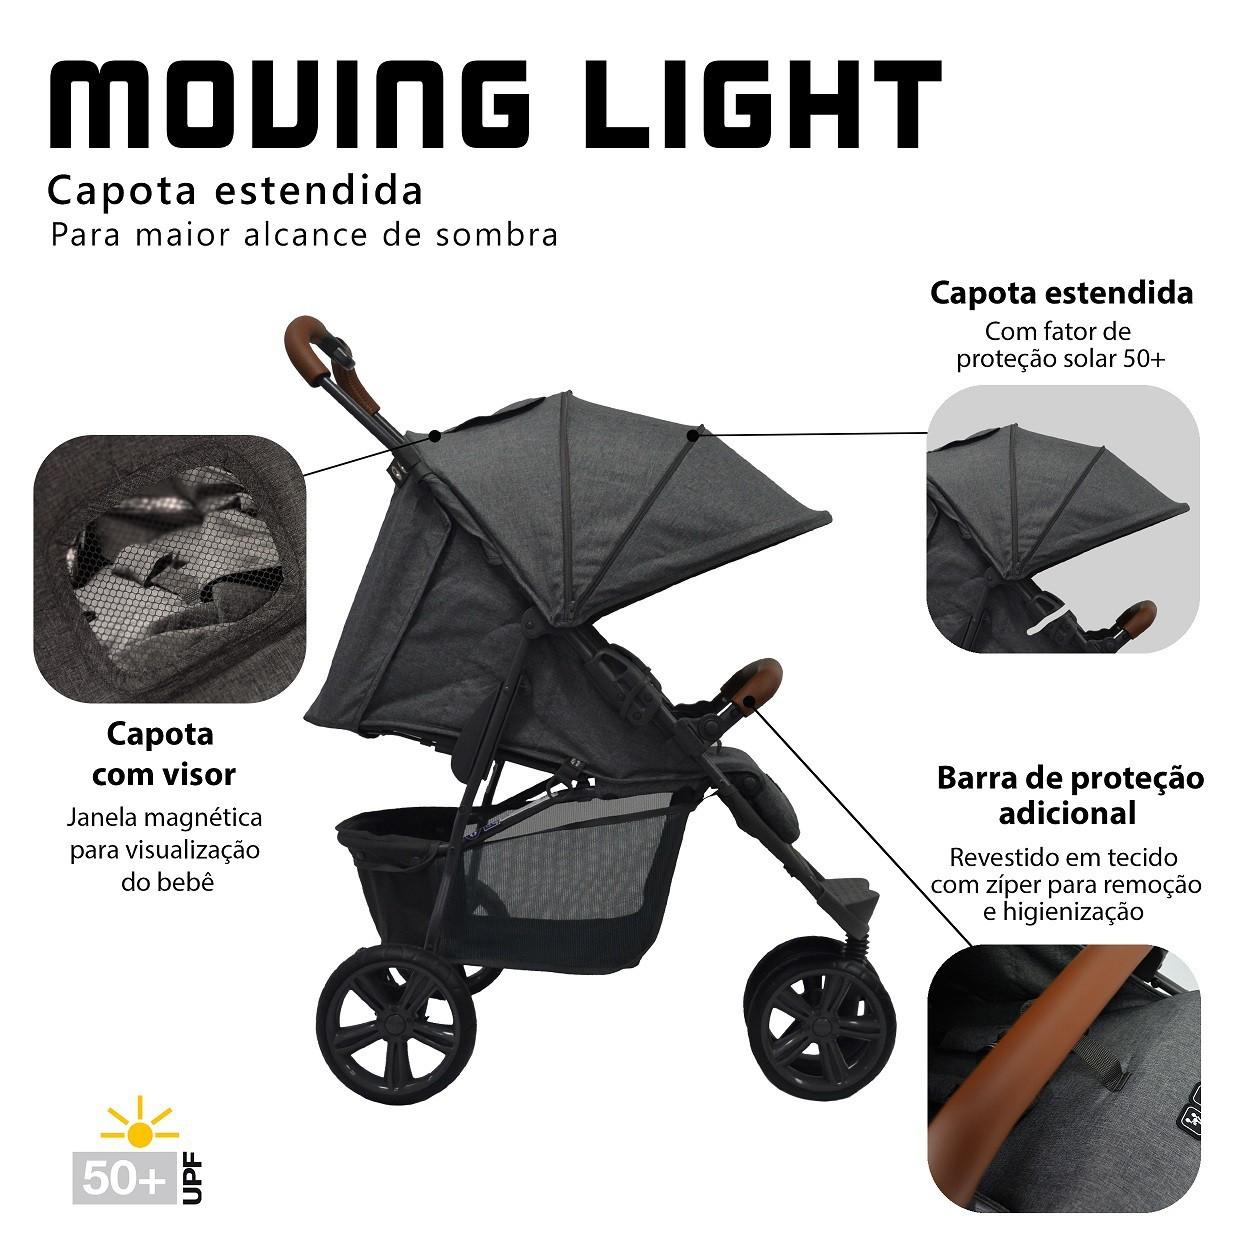 CARRINHO DE BEBÊ MOVING LIGHT WOVEN COM COURO - ABC DESIGN